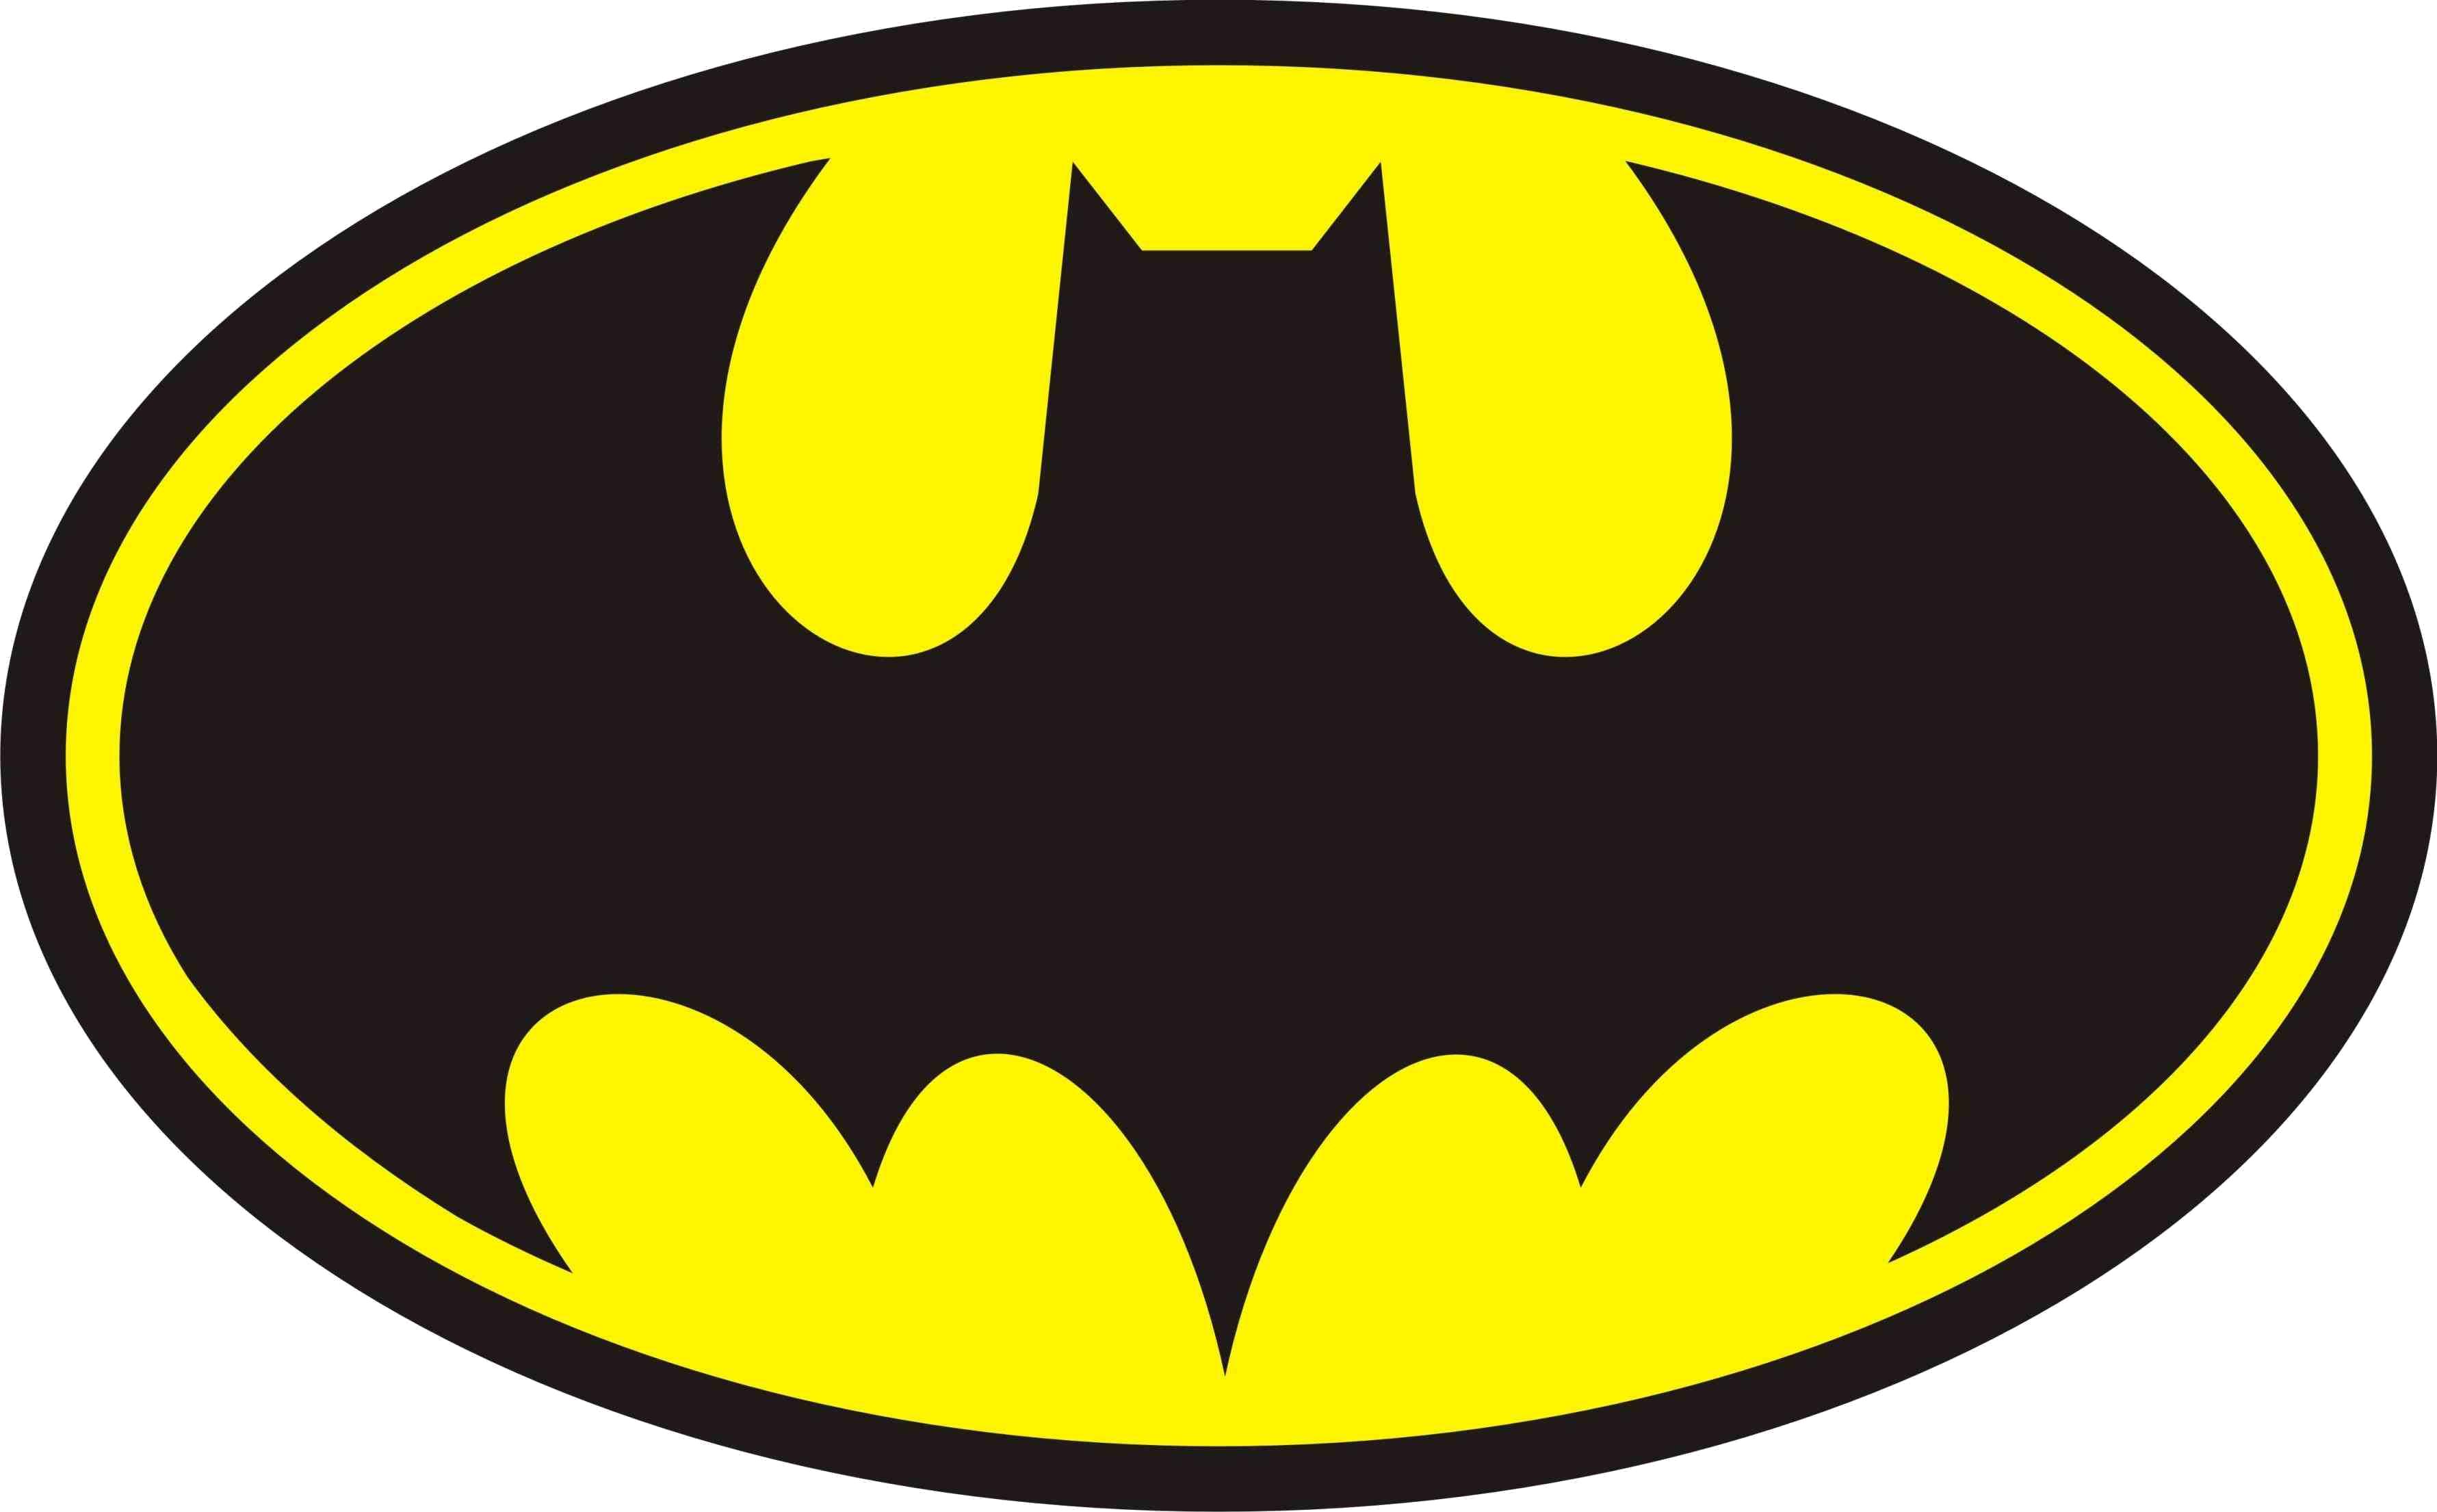 Picture clipart logo. Lego batman